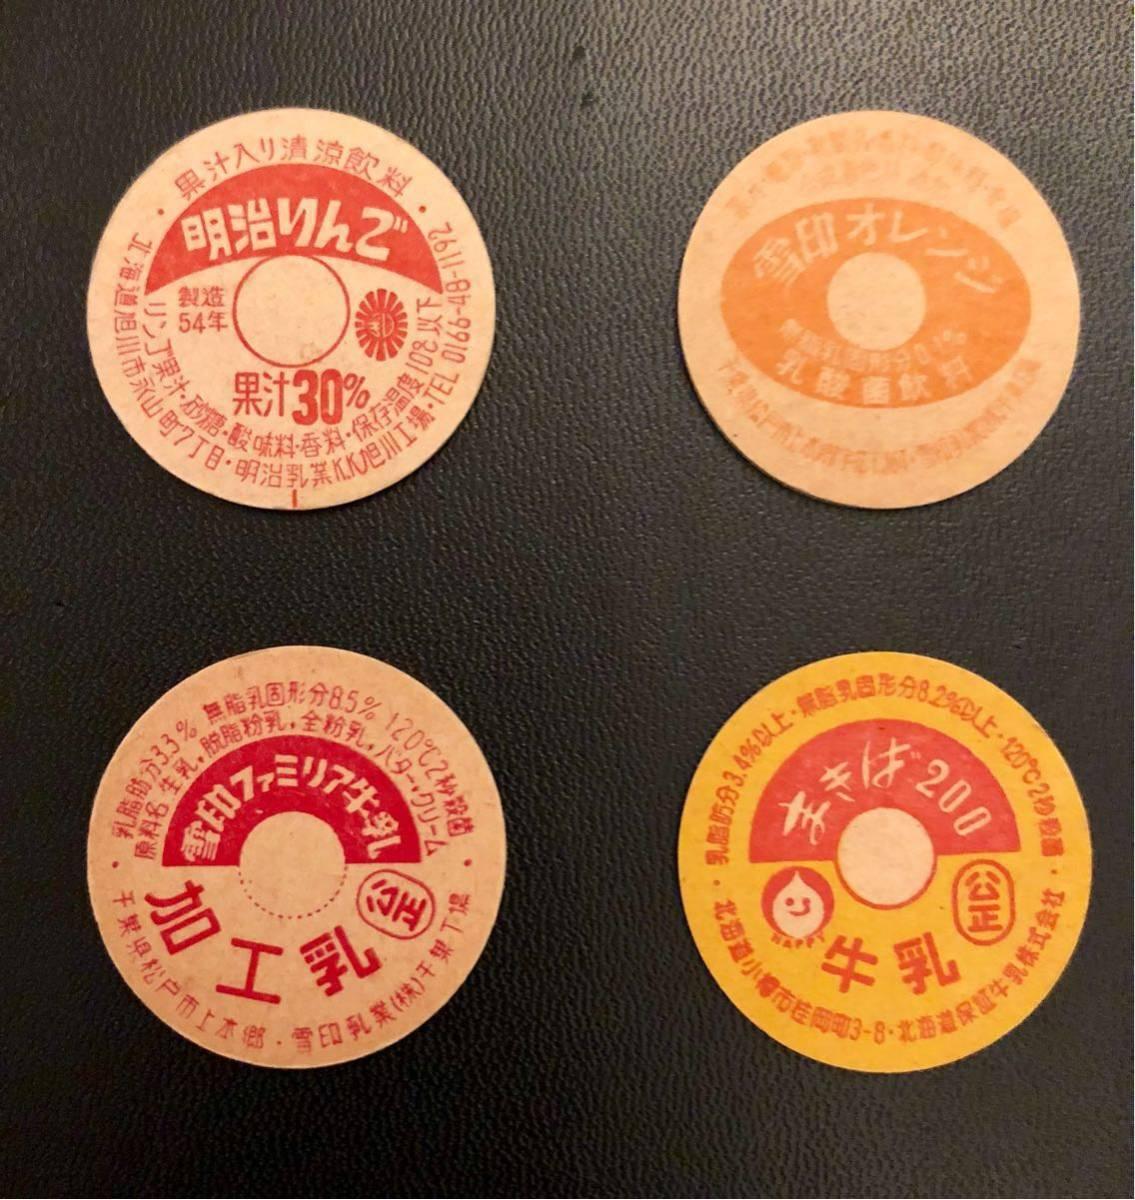 ★牛乳ビンの蓋★10枚まとめて★北海道★仙台★千葉★兵庫★_画像2